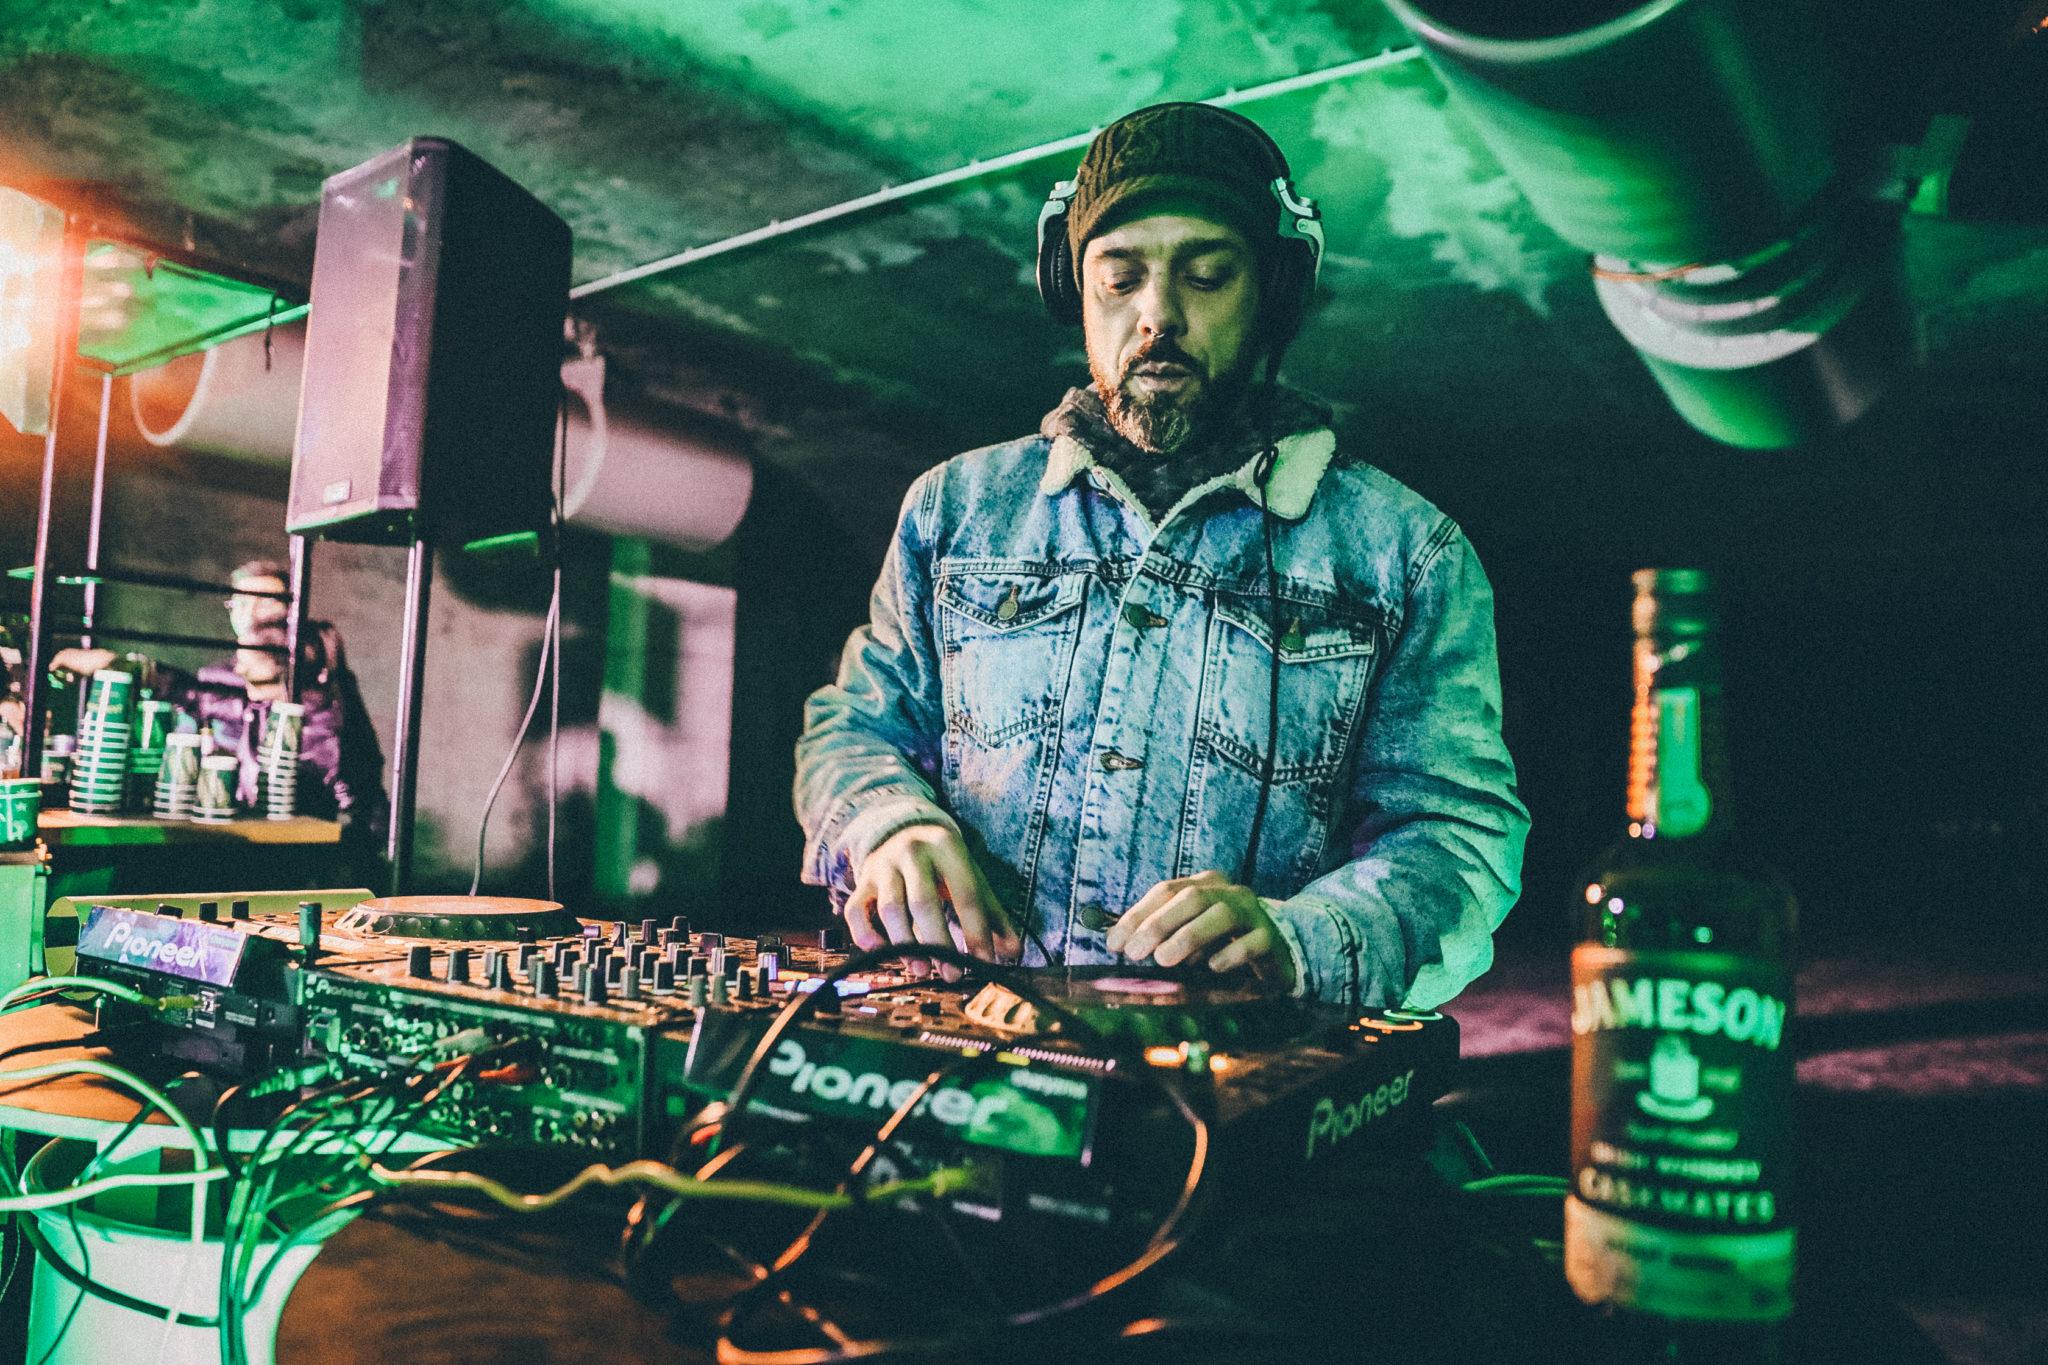 DJ przy konsolecie